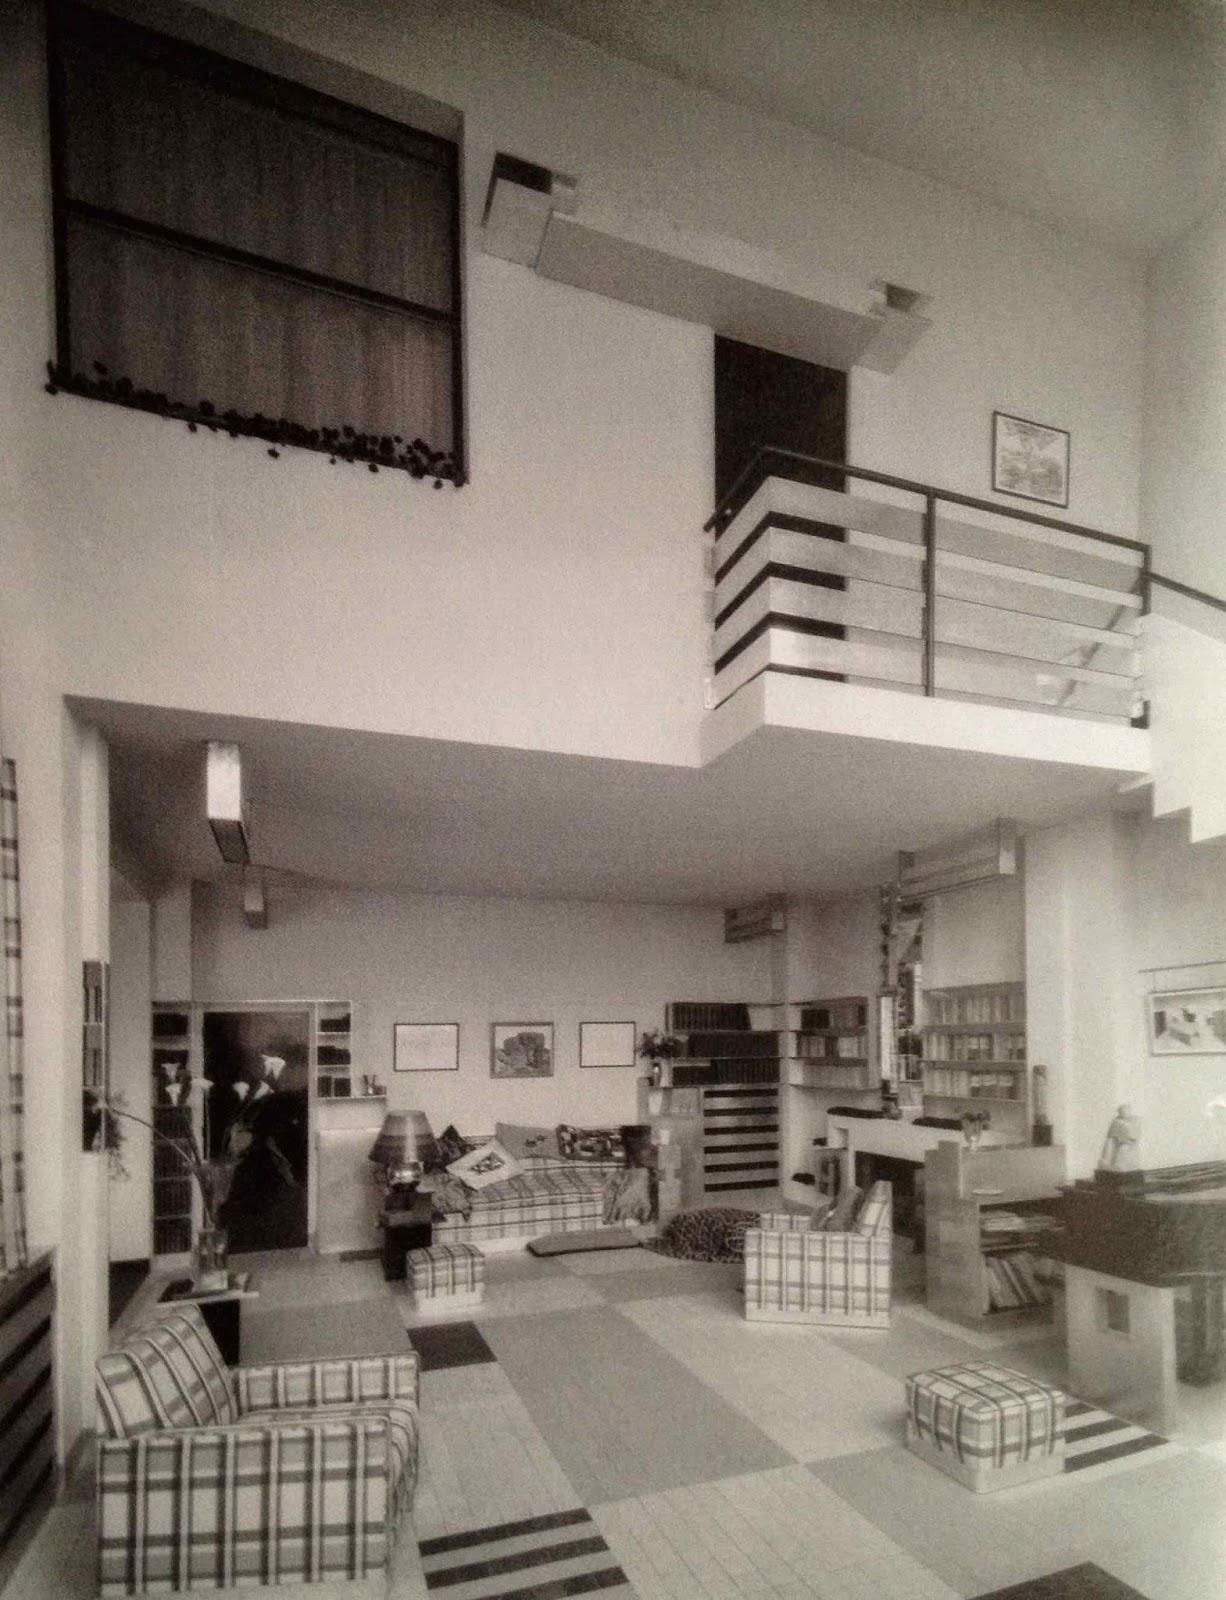 Exceptionnel Le blog des AMIS de la VILLA CAVROIS: La rue Mallet-Stevens SX12